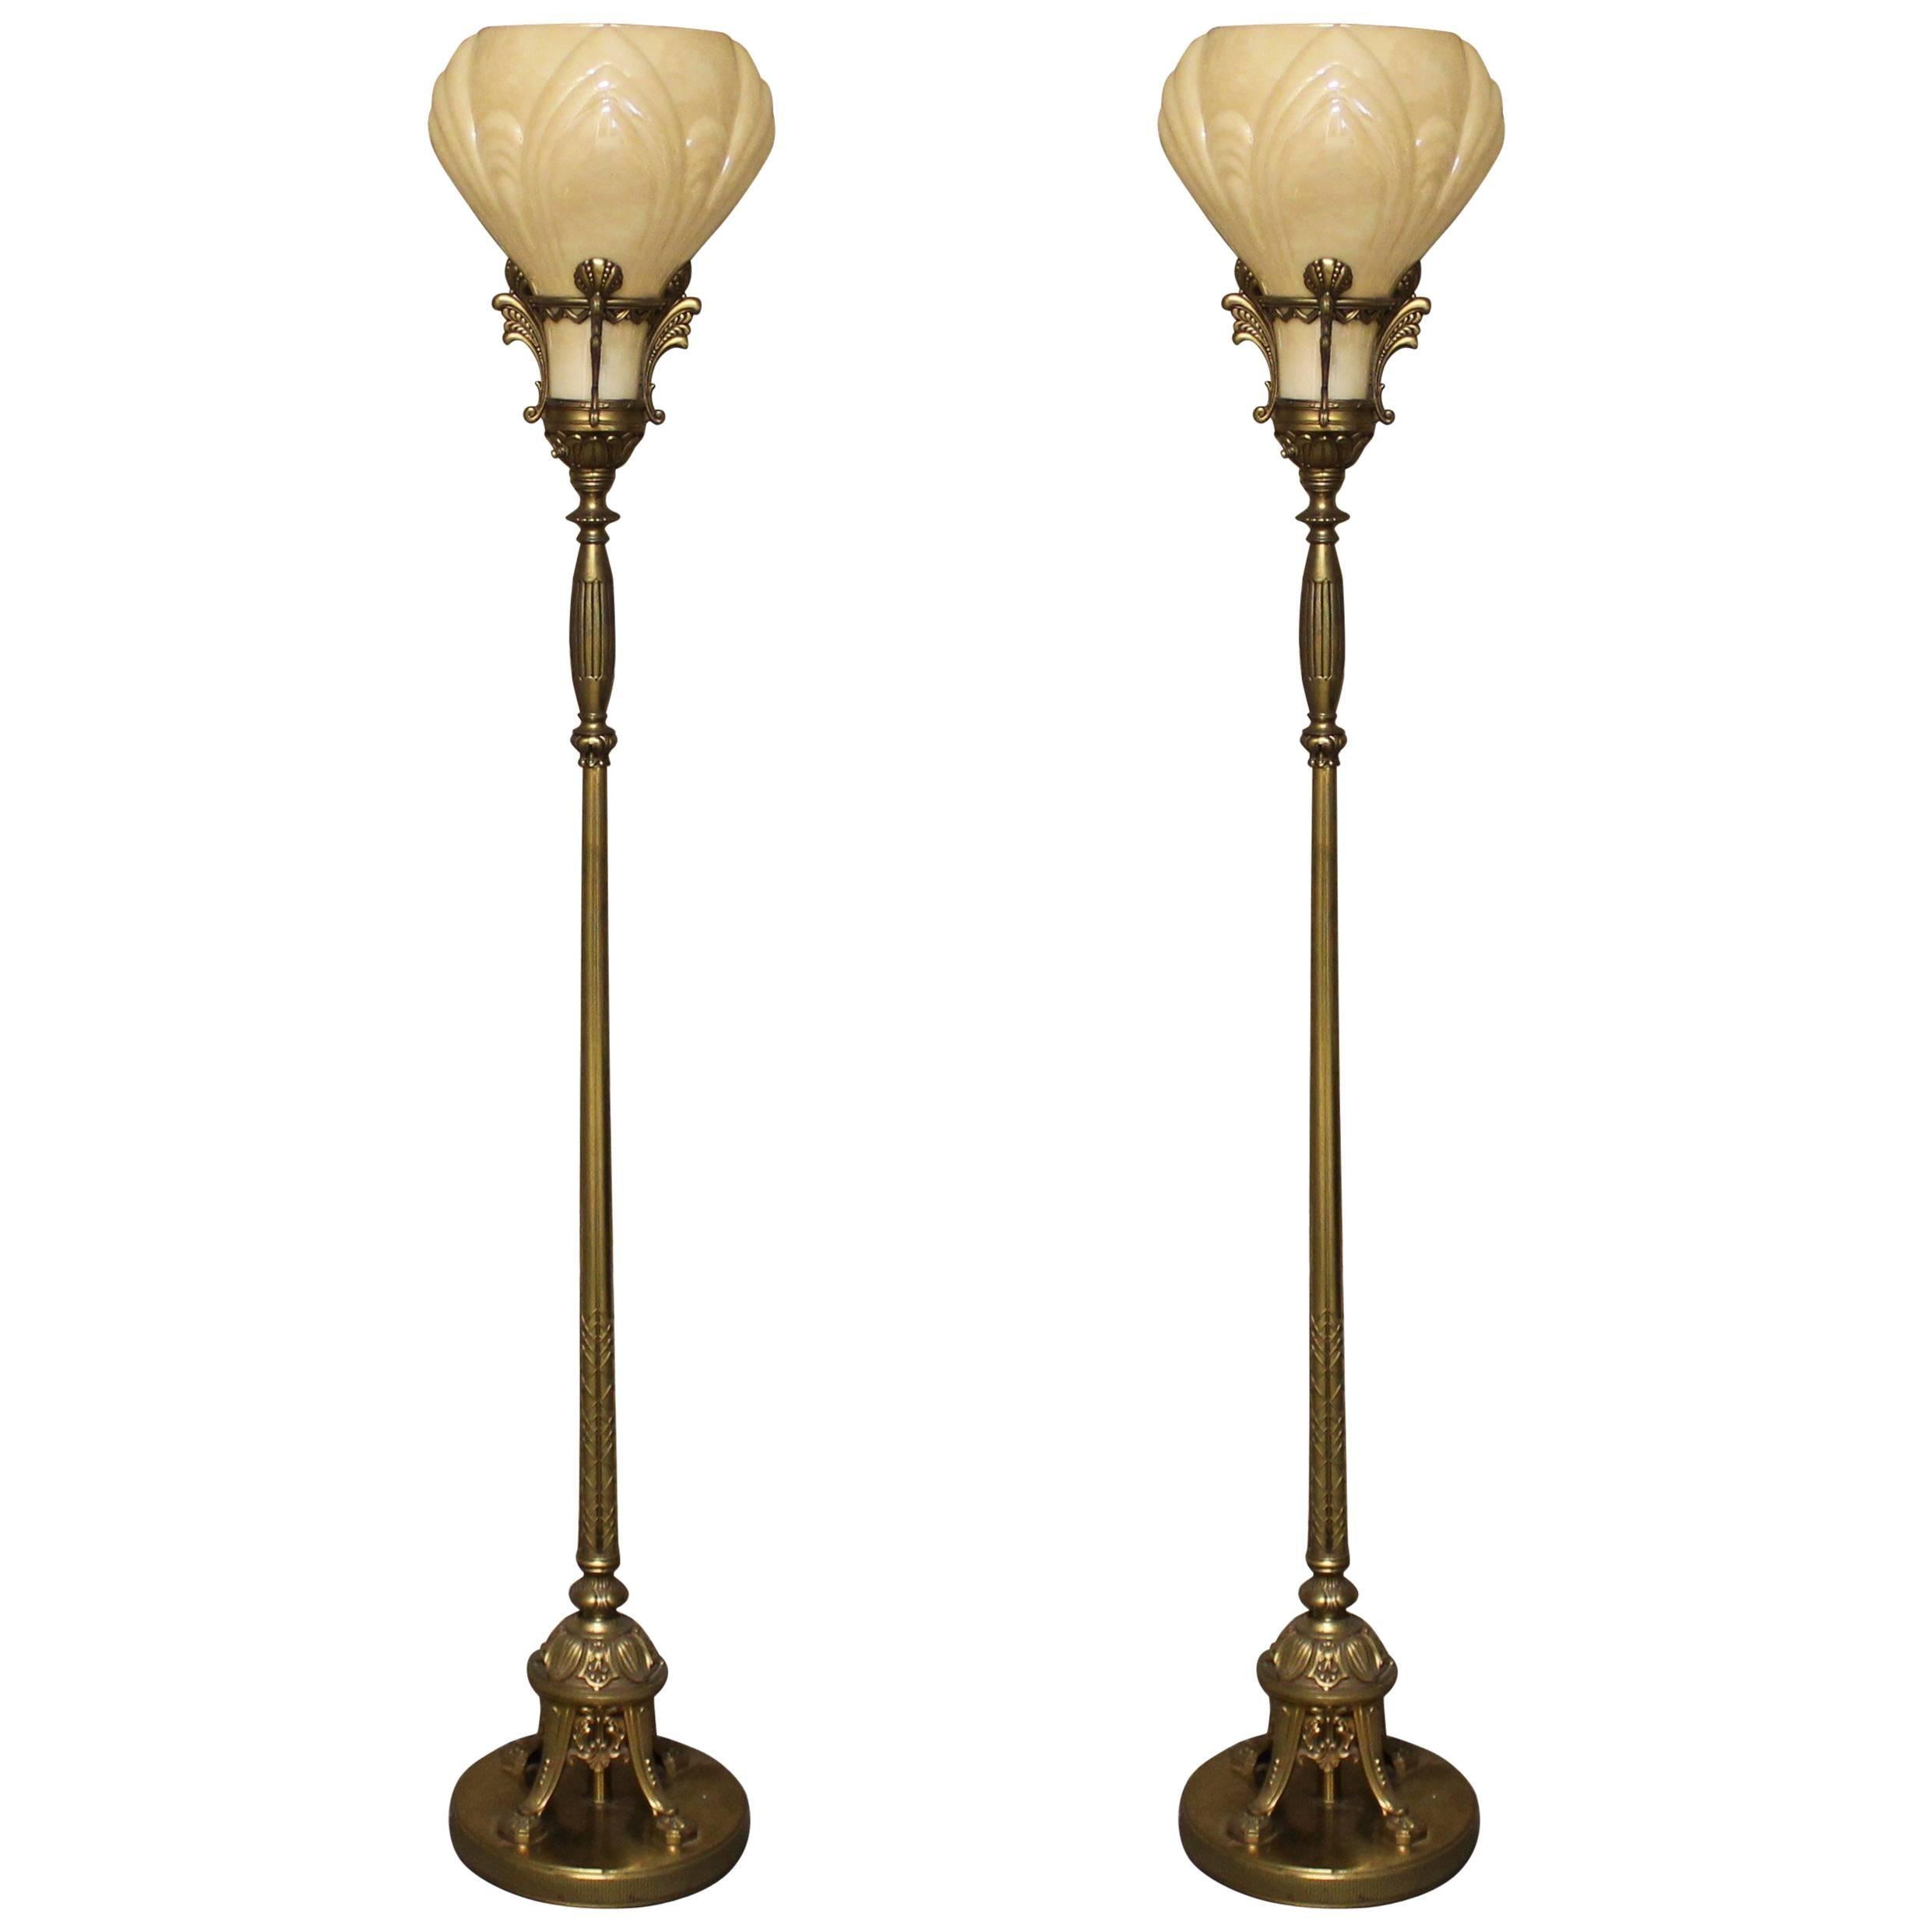 pair of art deco torchiere floor lamps